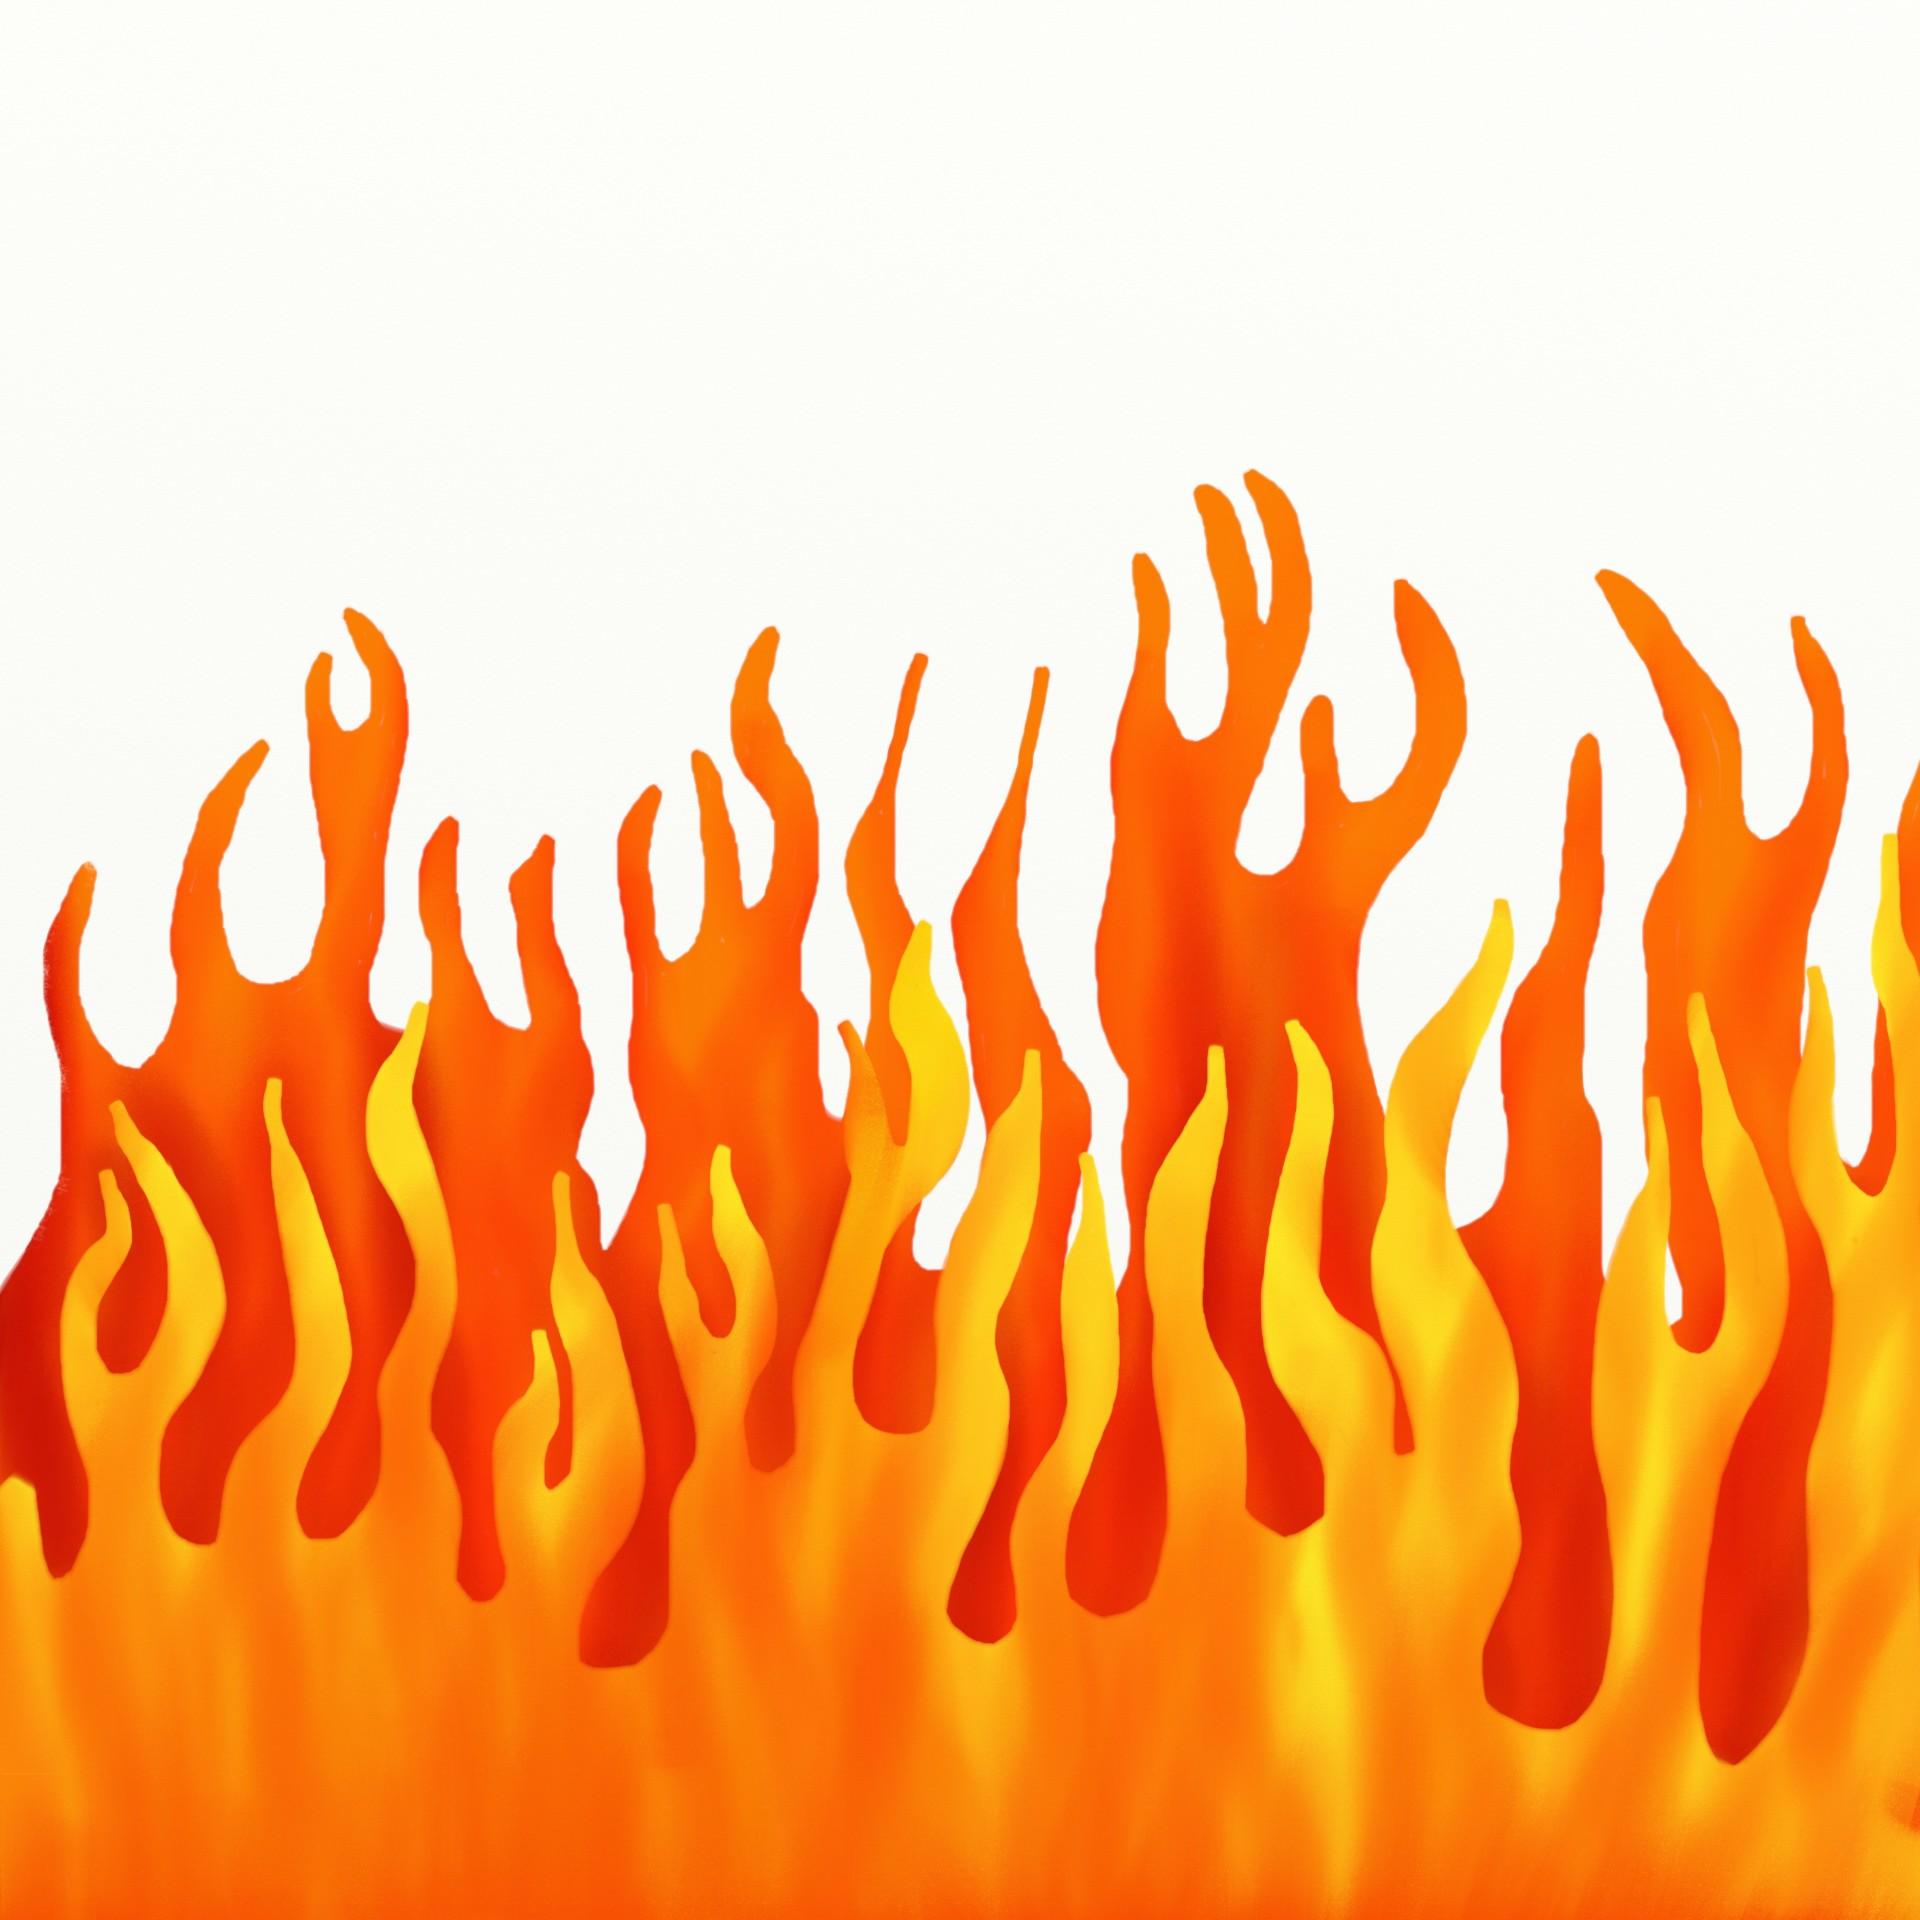 Fire clipart #16